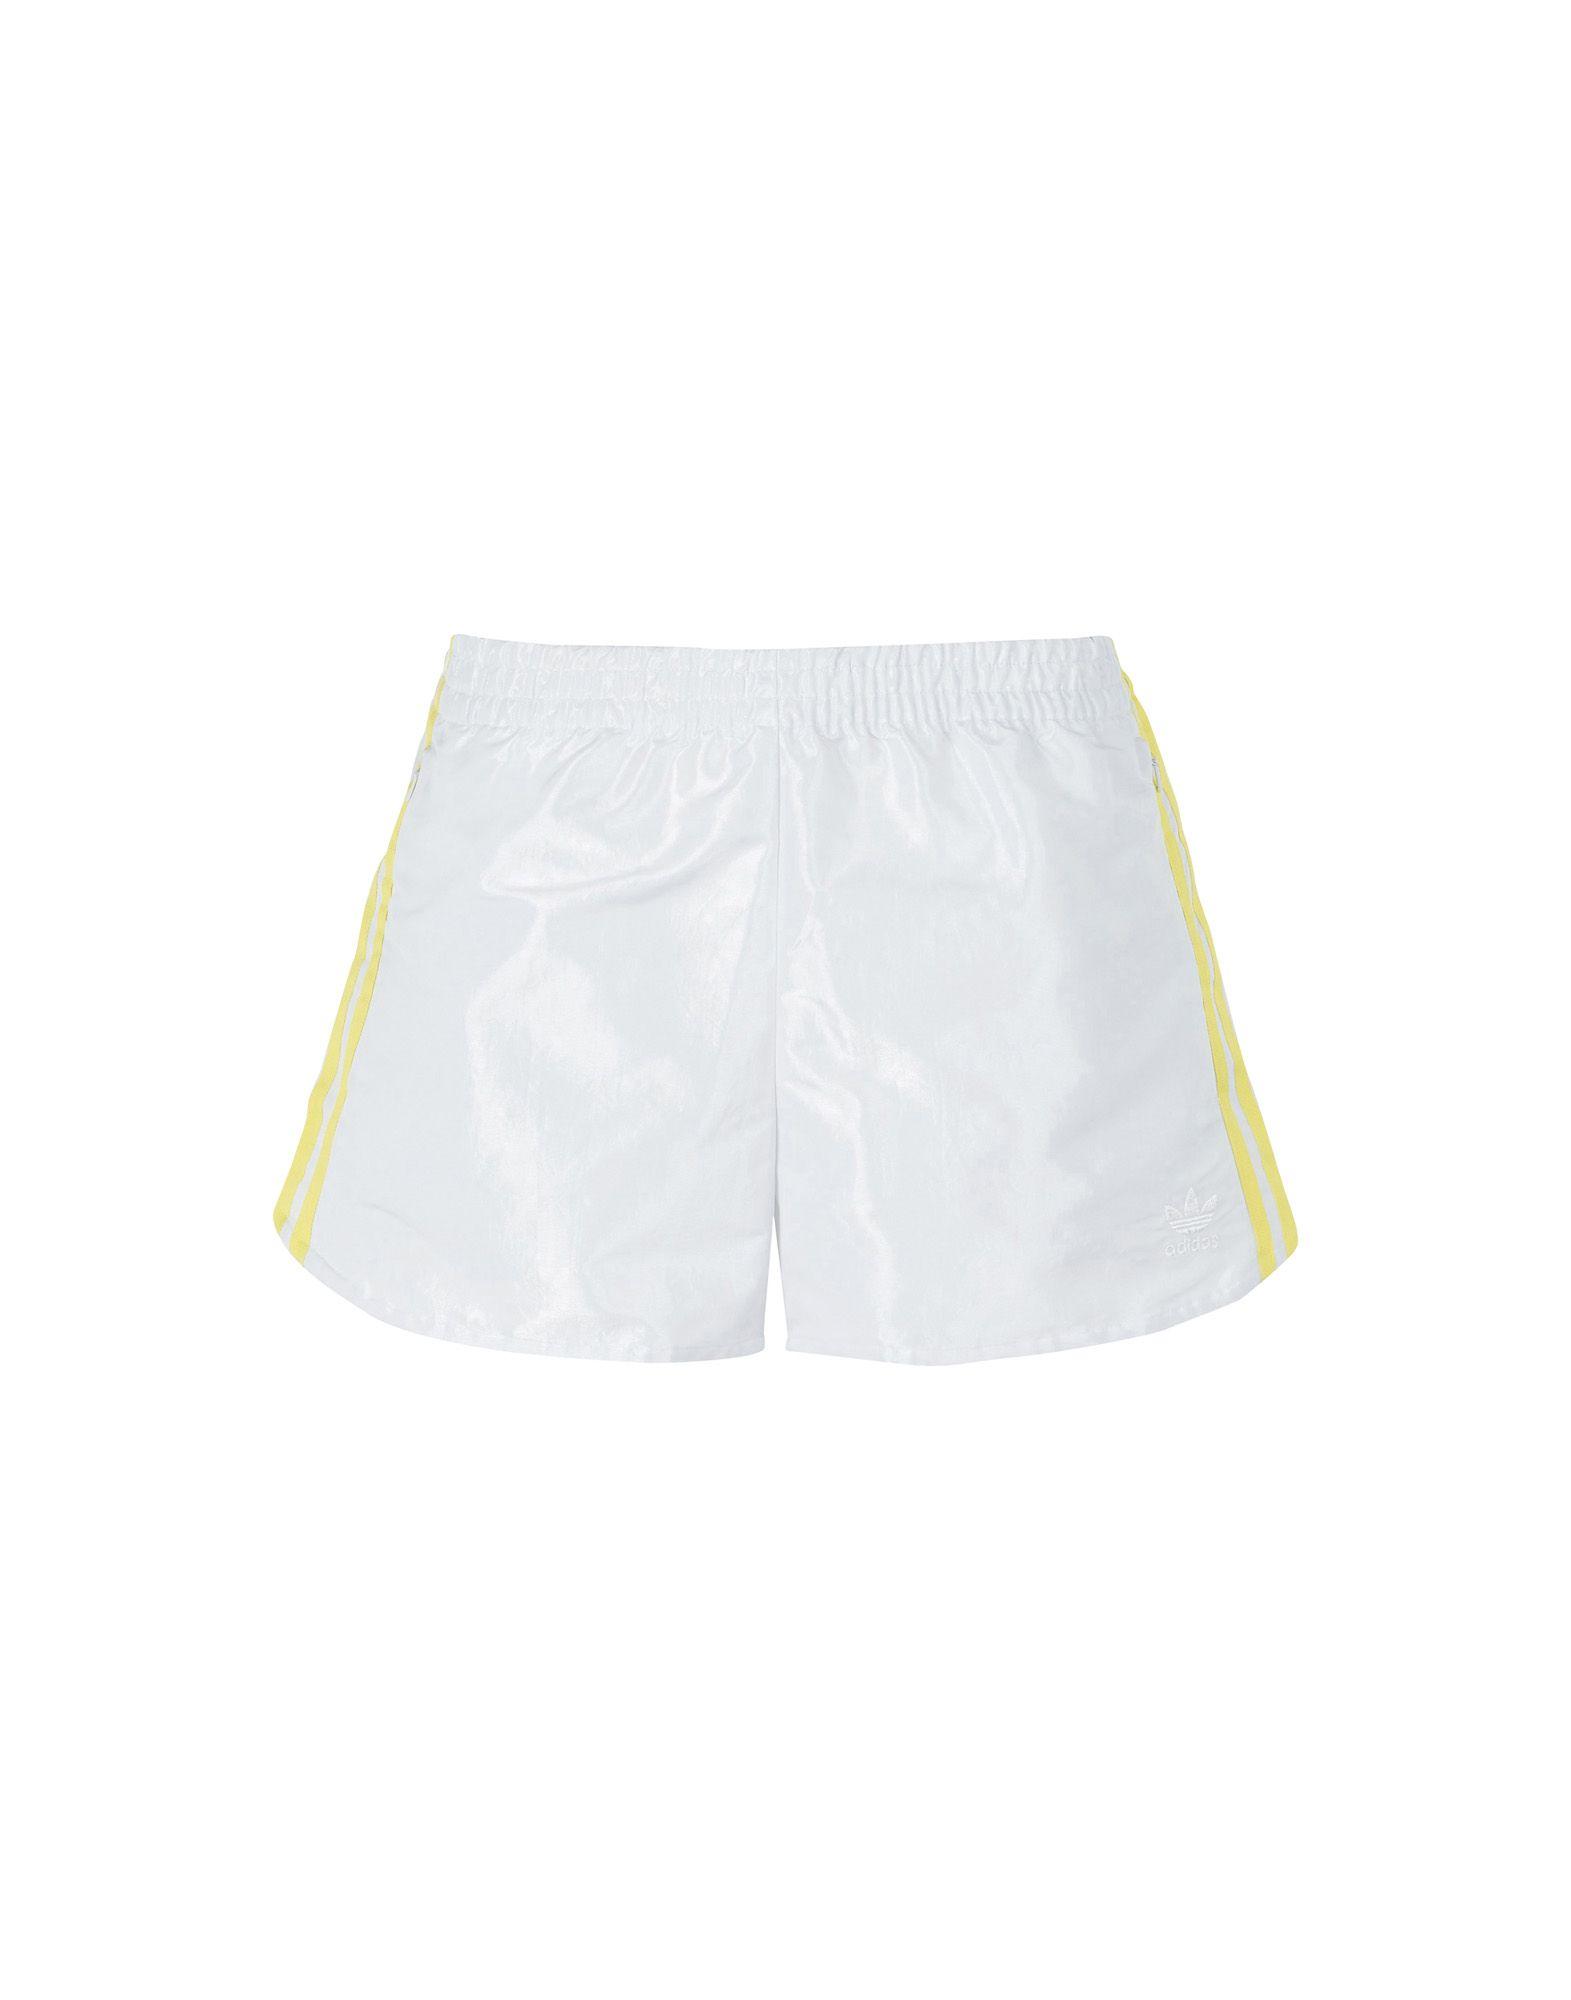 Фото - ADIDAS ORIGINALS Повседневные шорты adidas шорты мужские adidas 3 stripes 9 inch размер 44 46